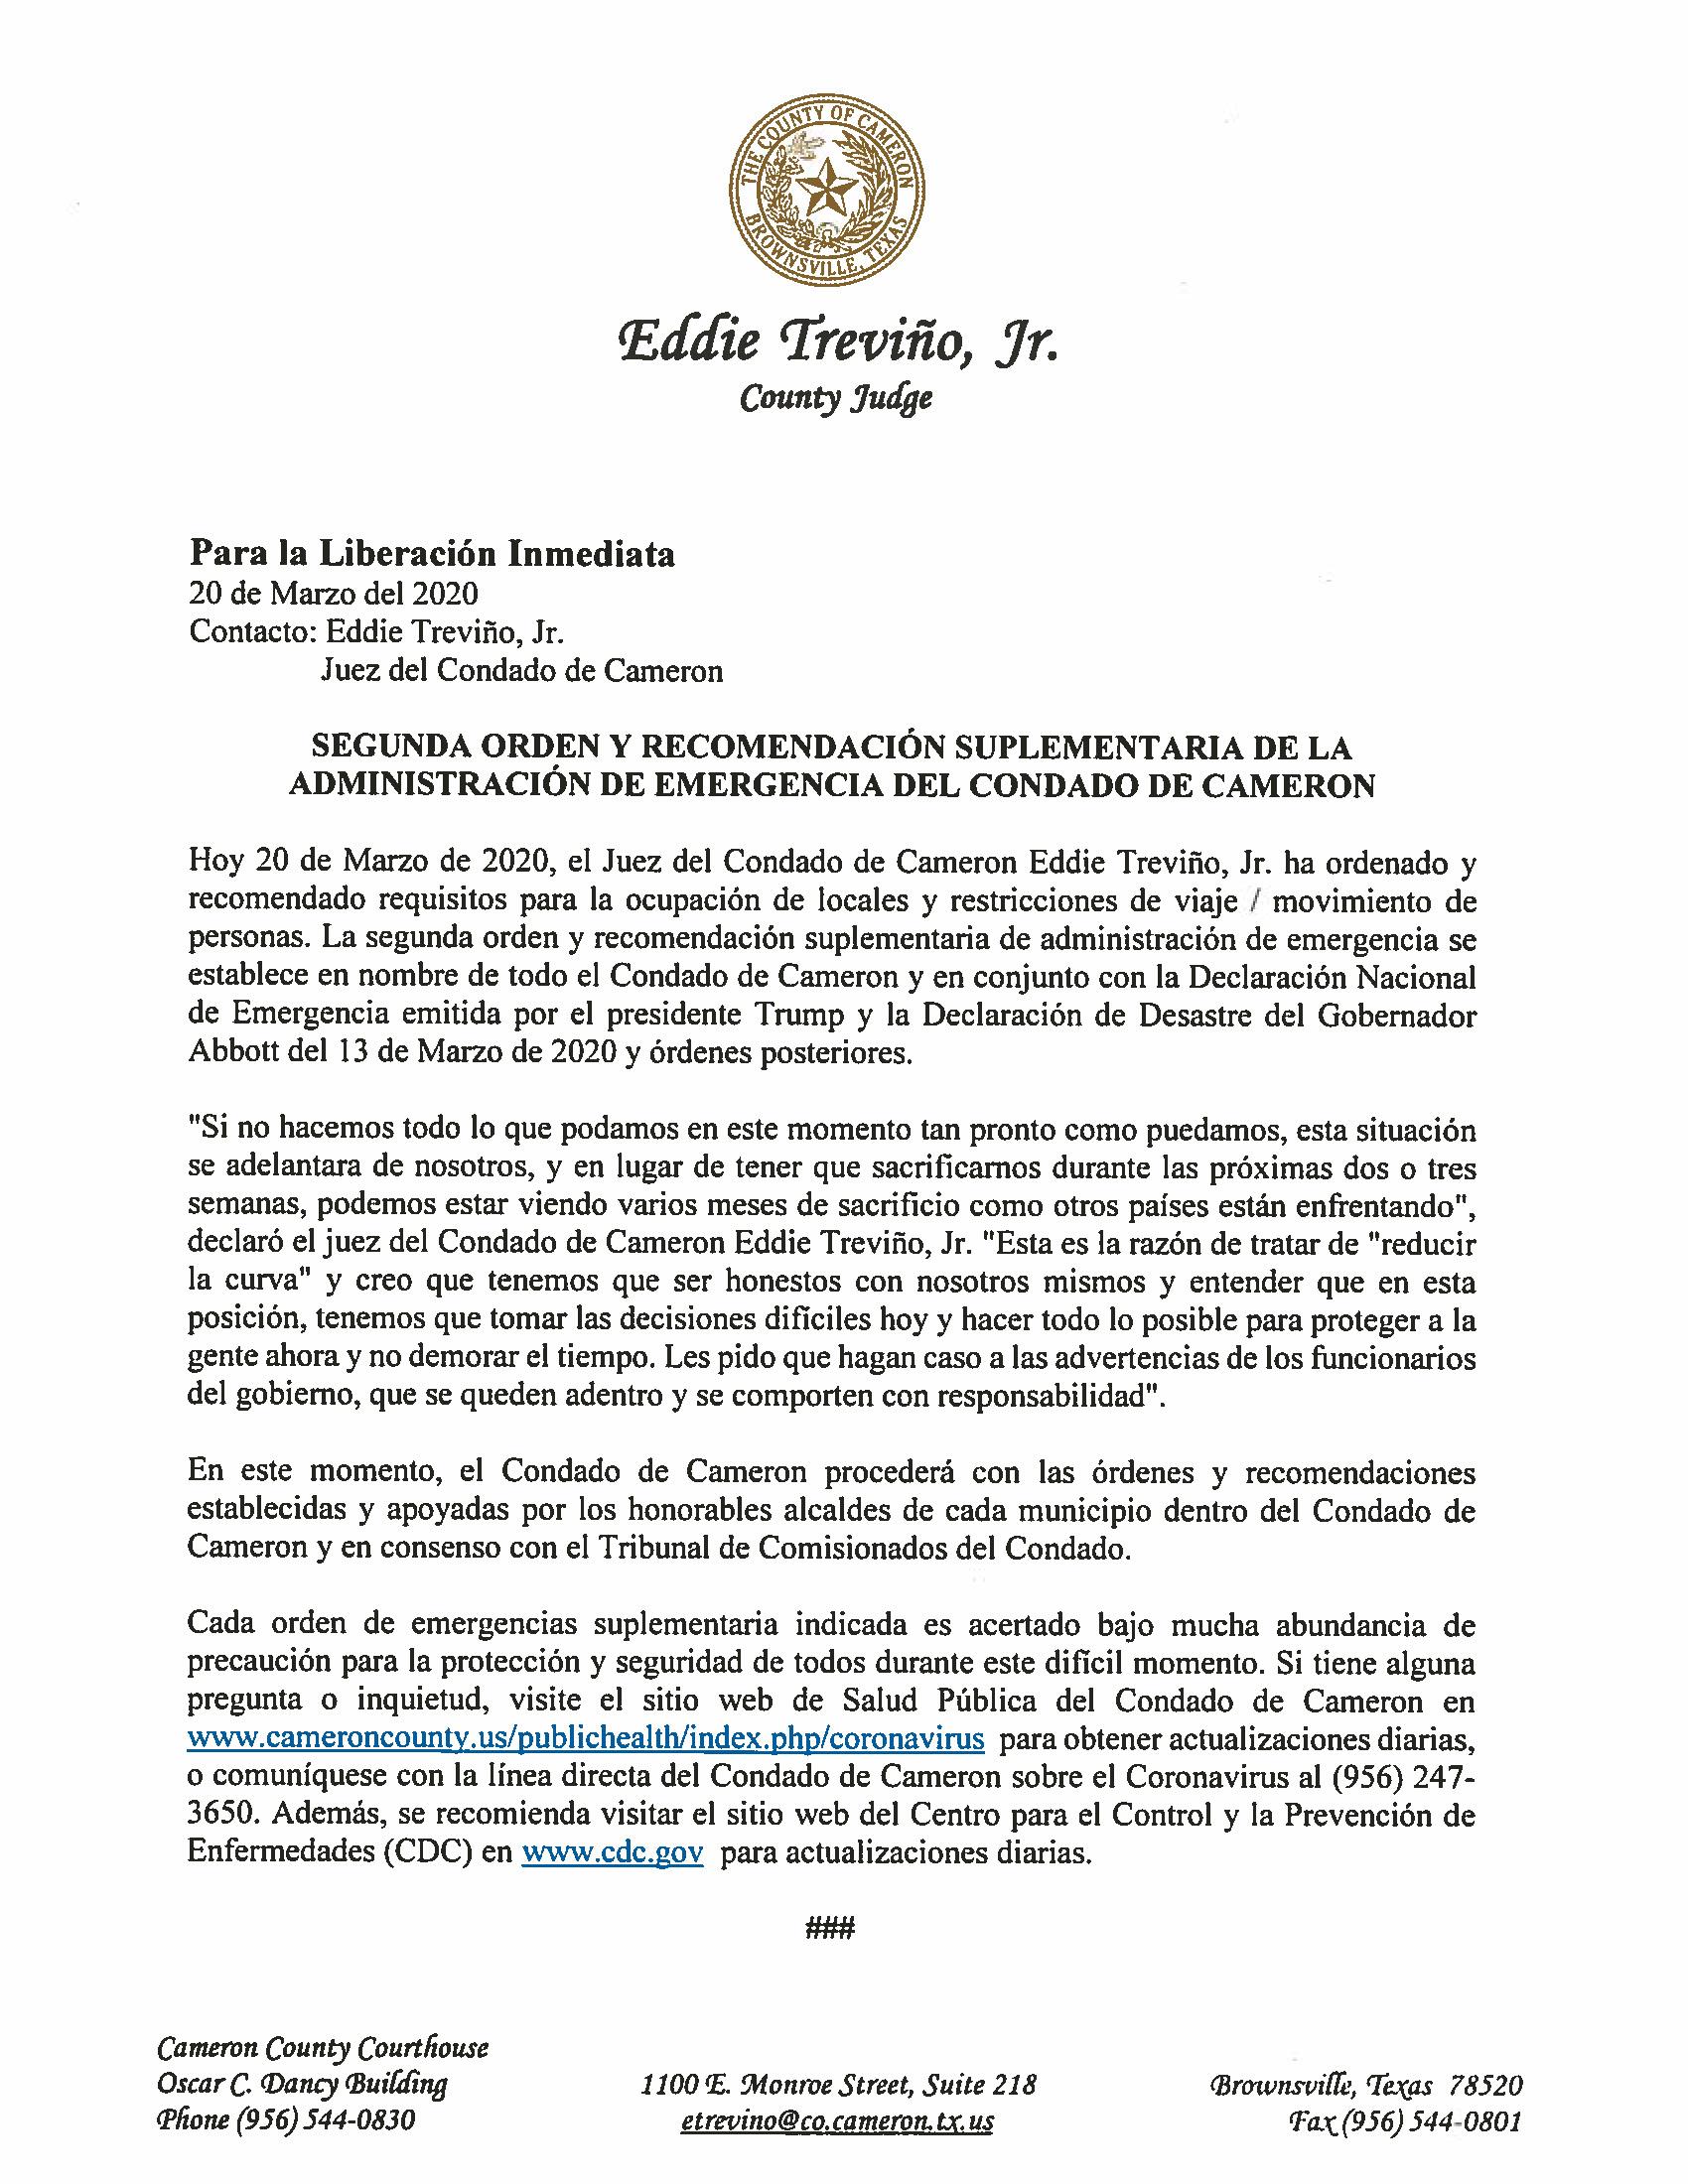 03 20 2020 Para La Liberacion Inmediata Seguna Orden Y Recomendacion Suplementaria